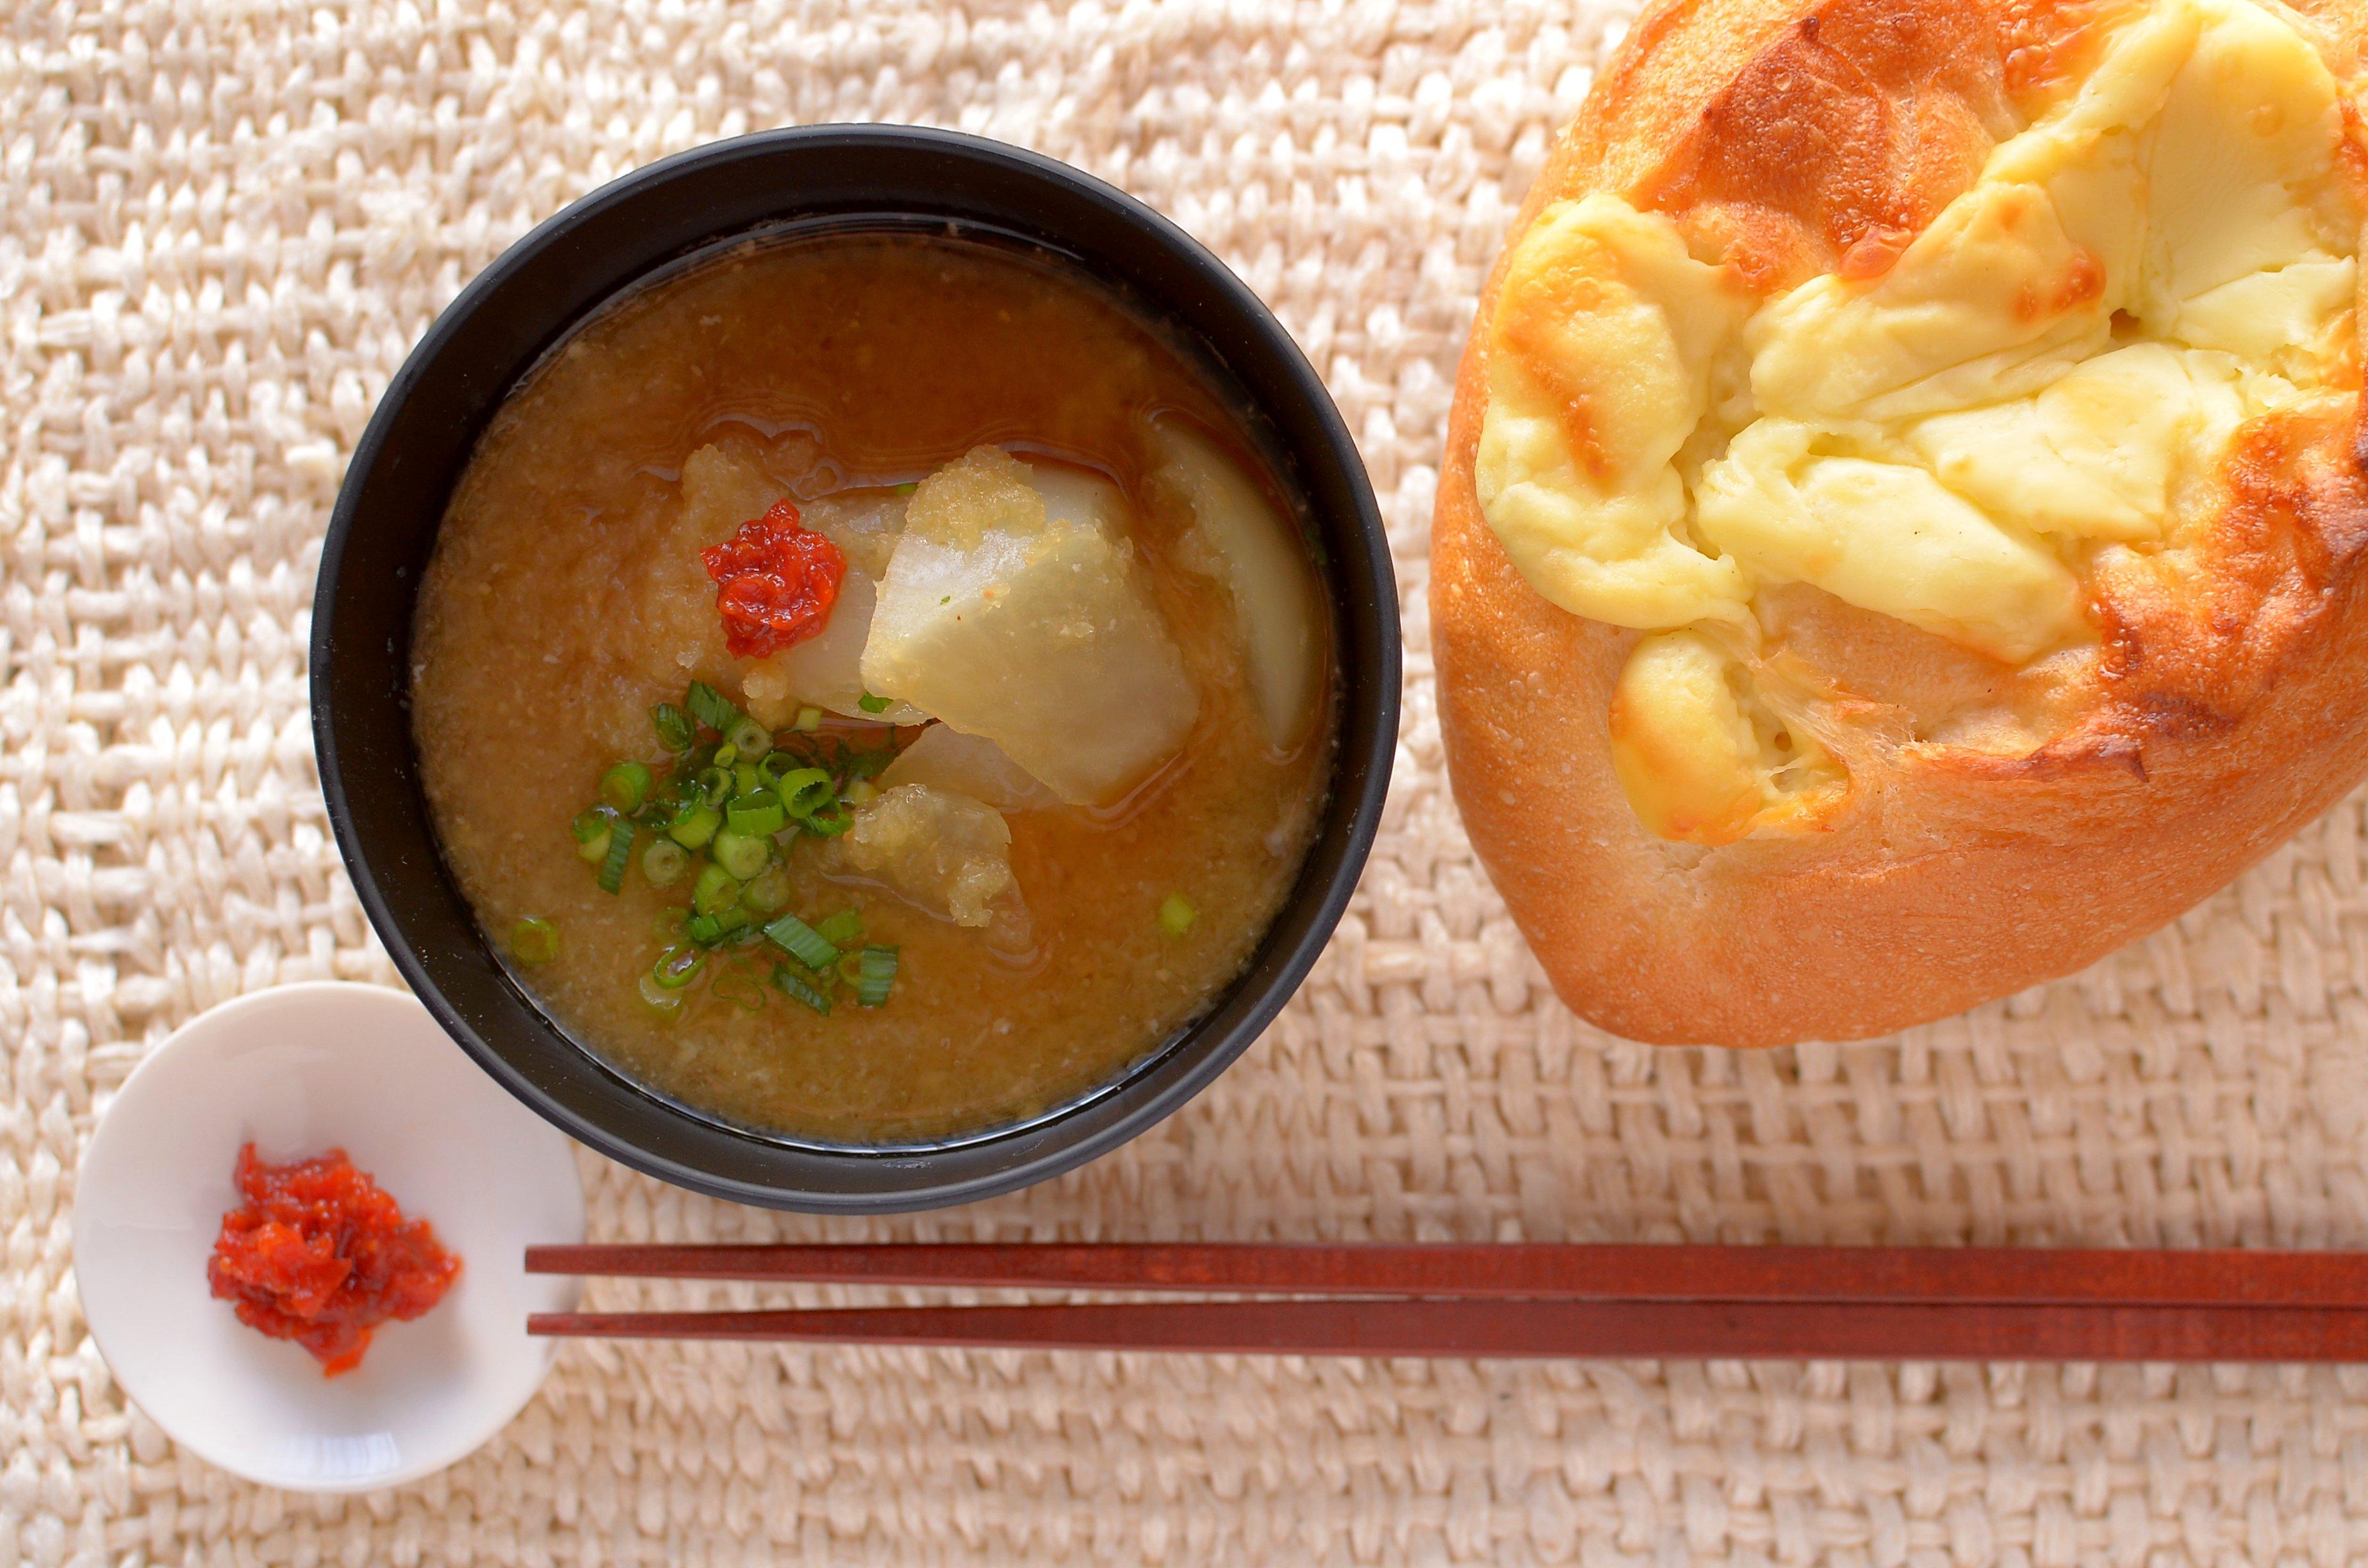 【一汁一ぱんのすすめ】大根おろしとかんずりの味噌汁